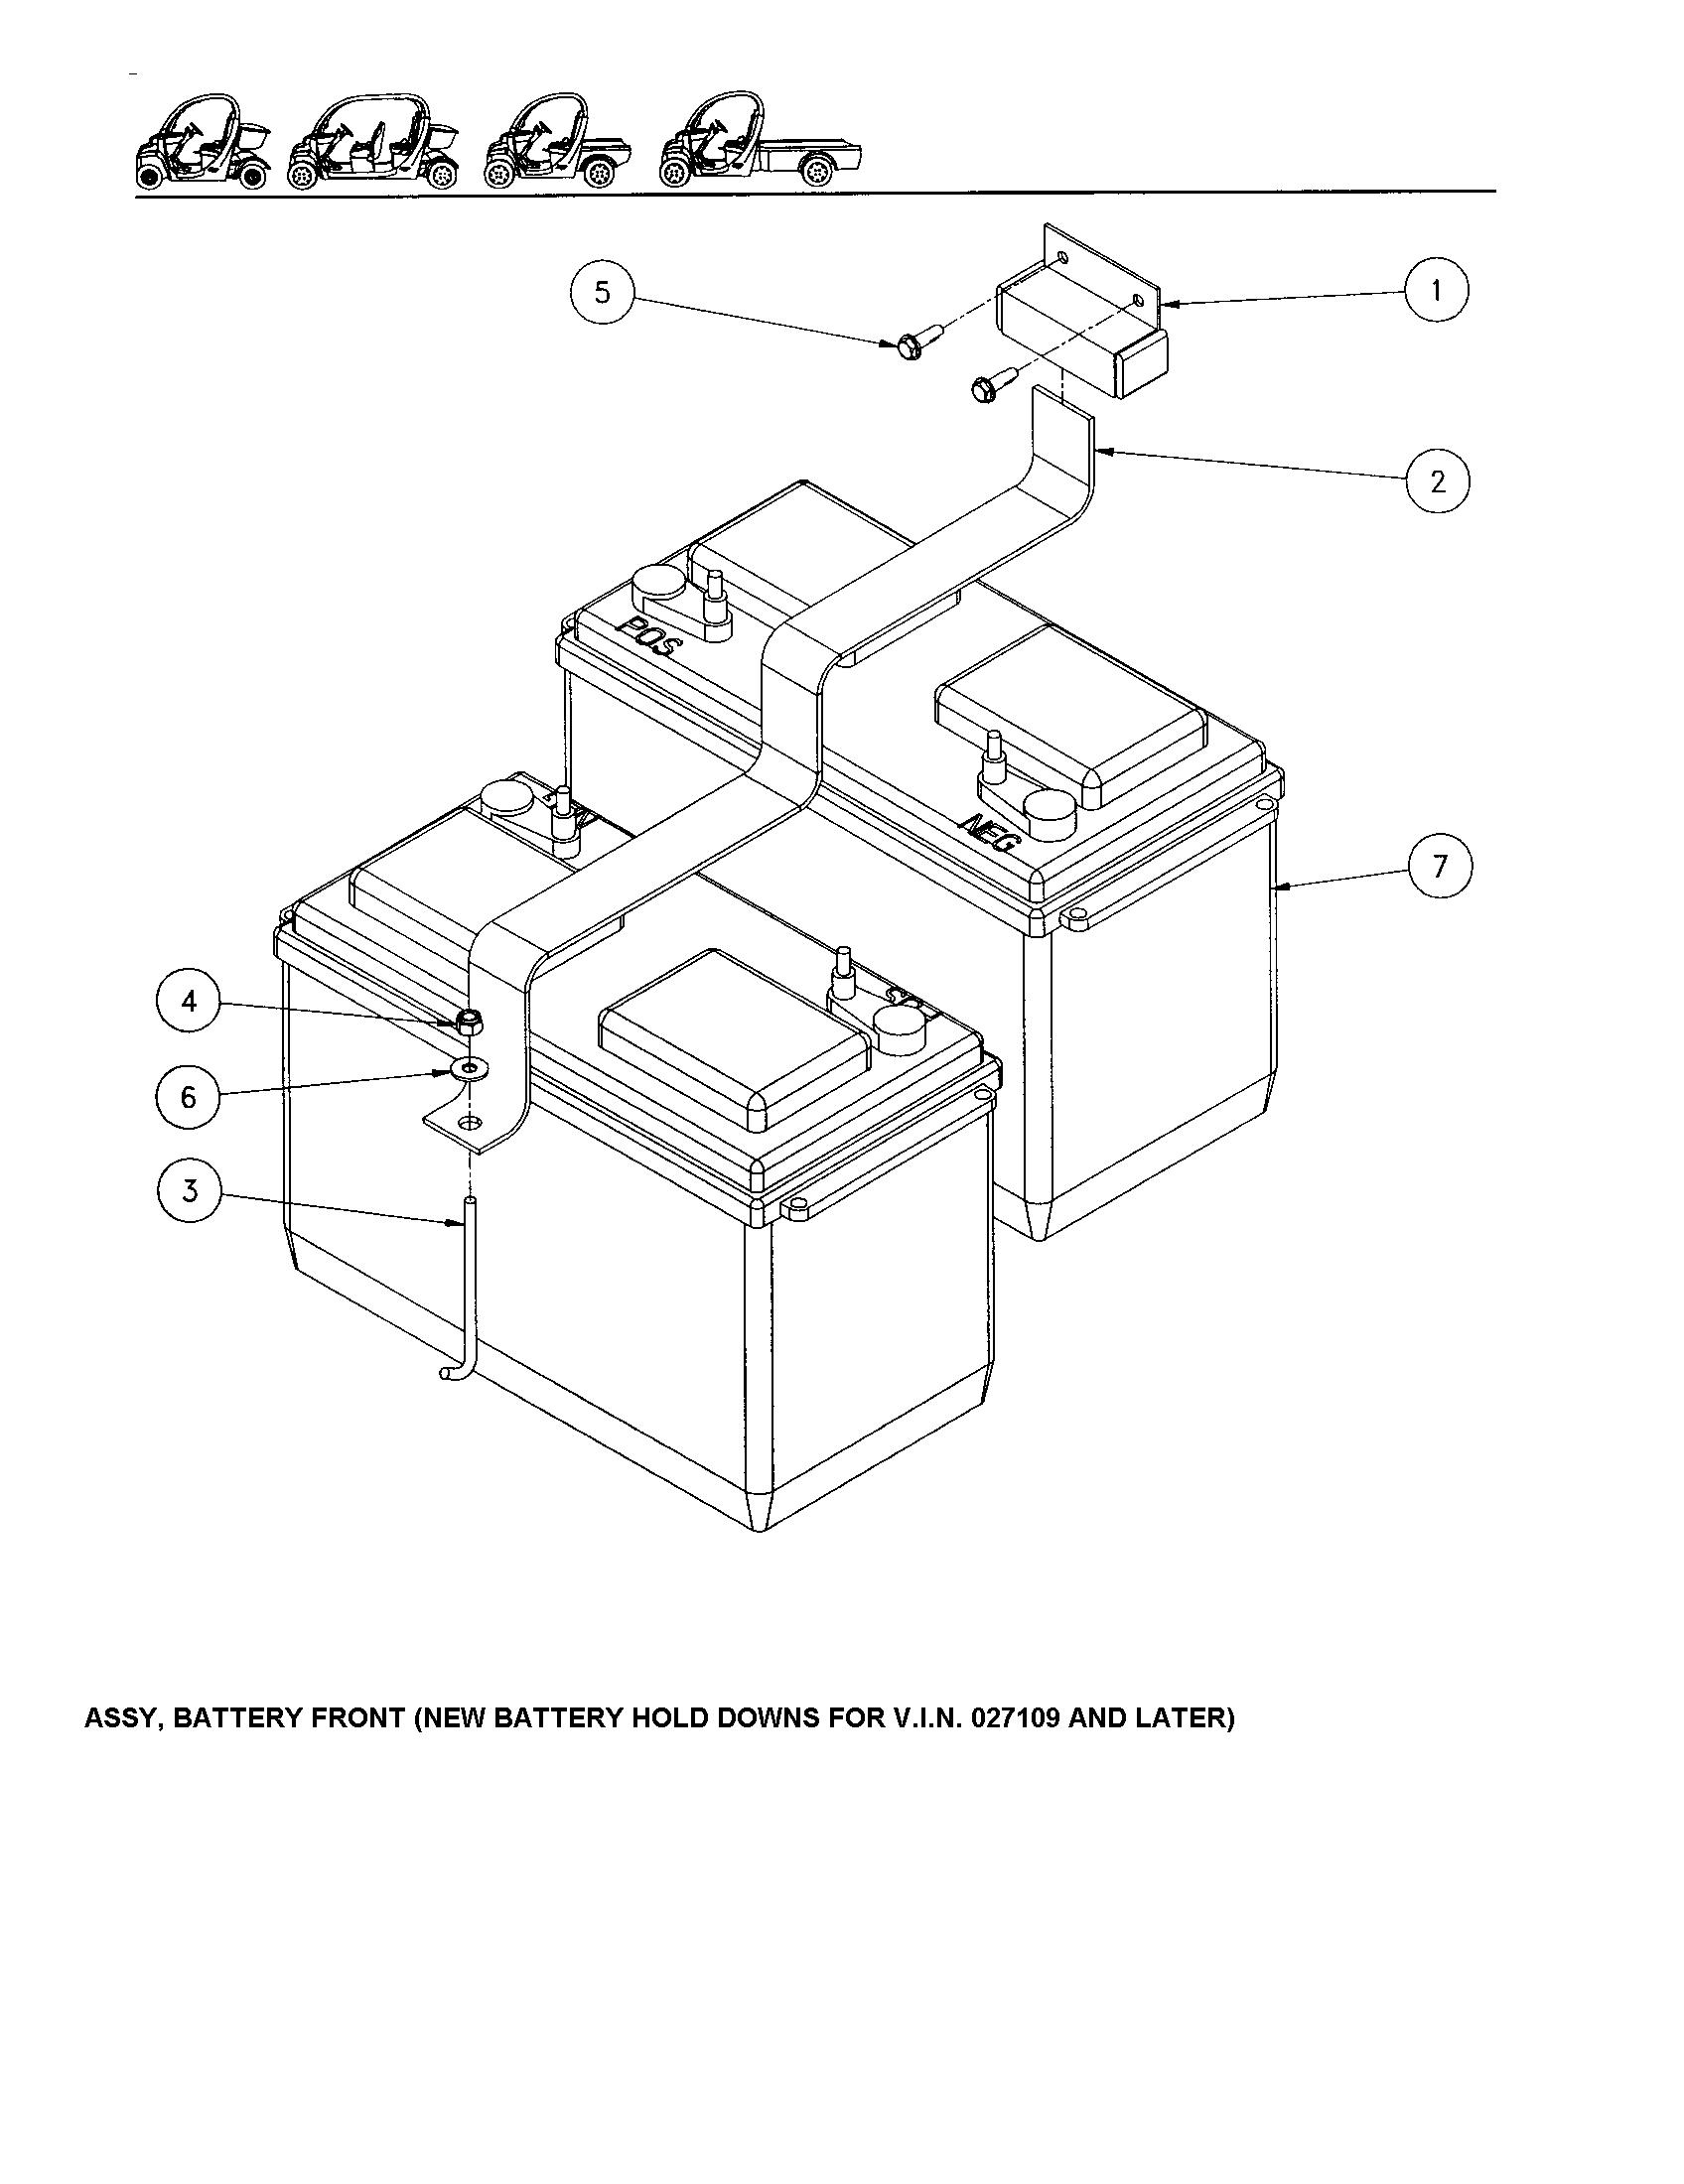 Gem-Products model GEM E825 motor car/atv genuine parts